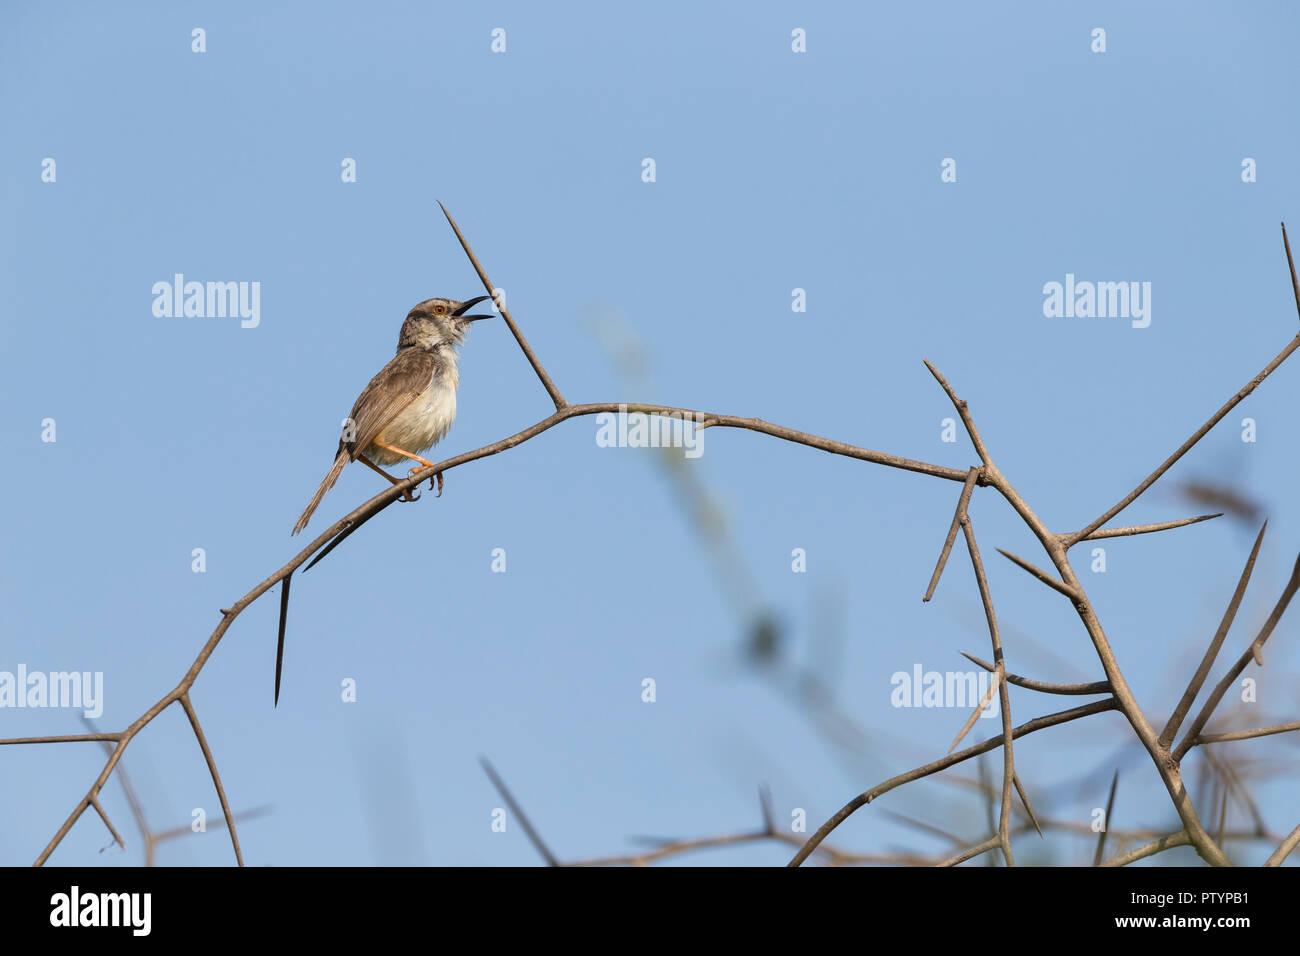 Tawny-flanked prinia Prinia subflava, perched in thorny scrub & singing, Kartong Wetland, Gambia, November - Stock Image